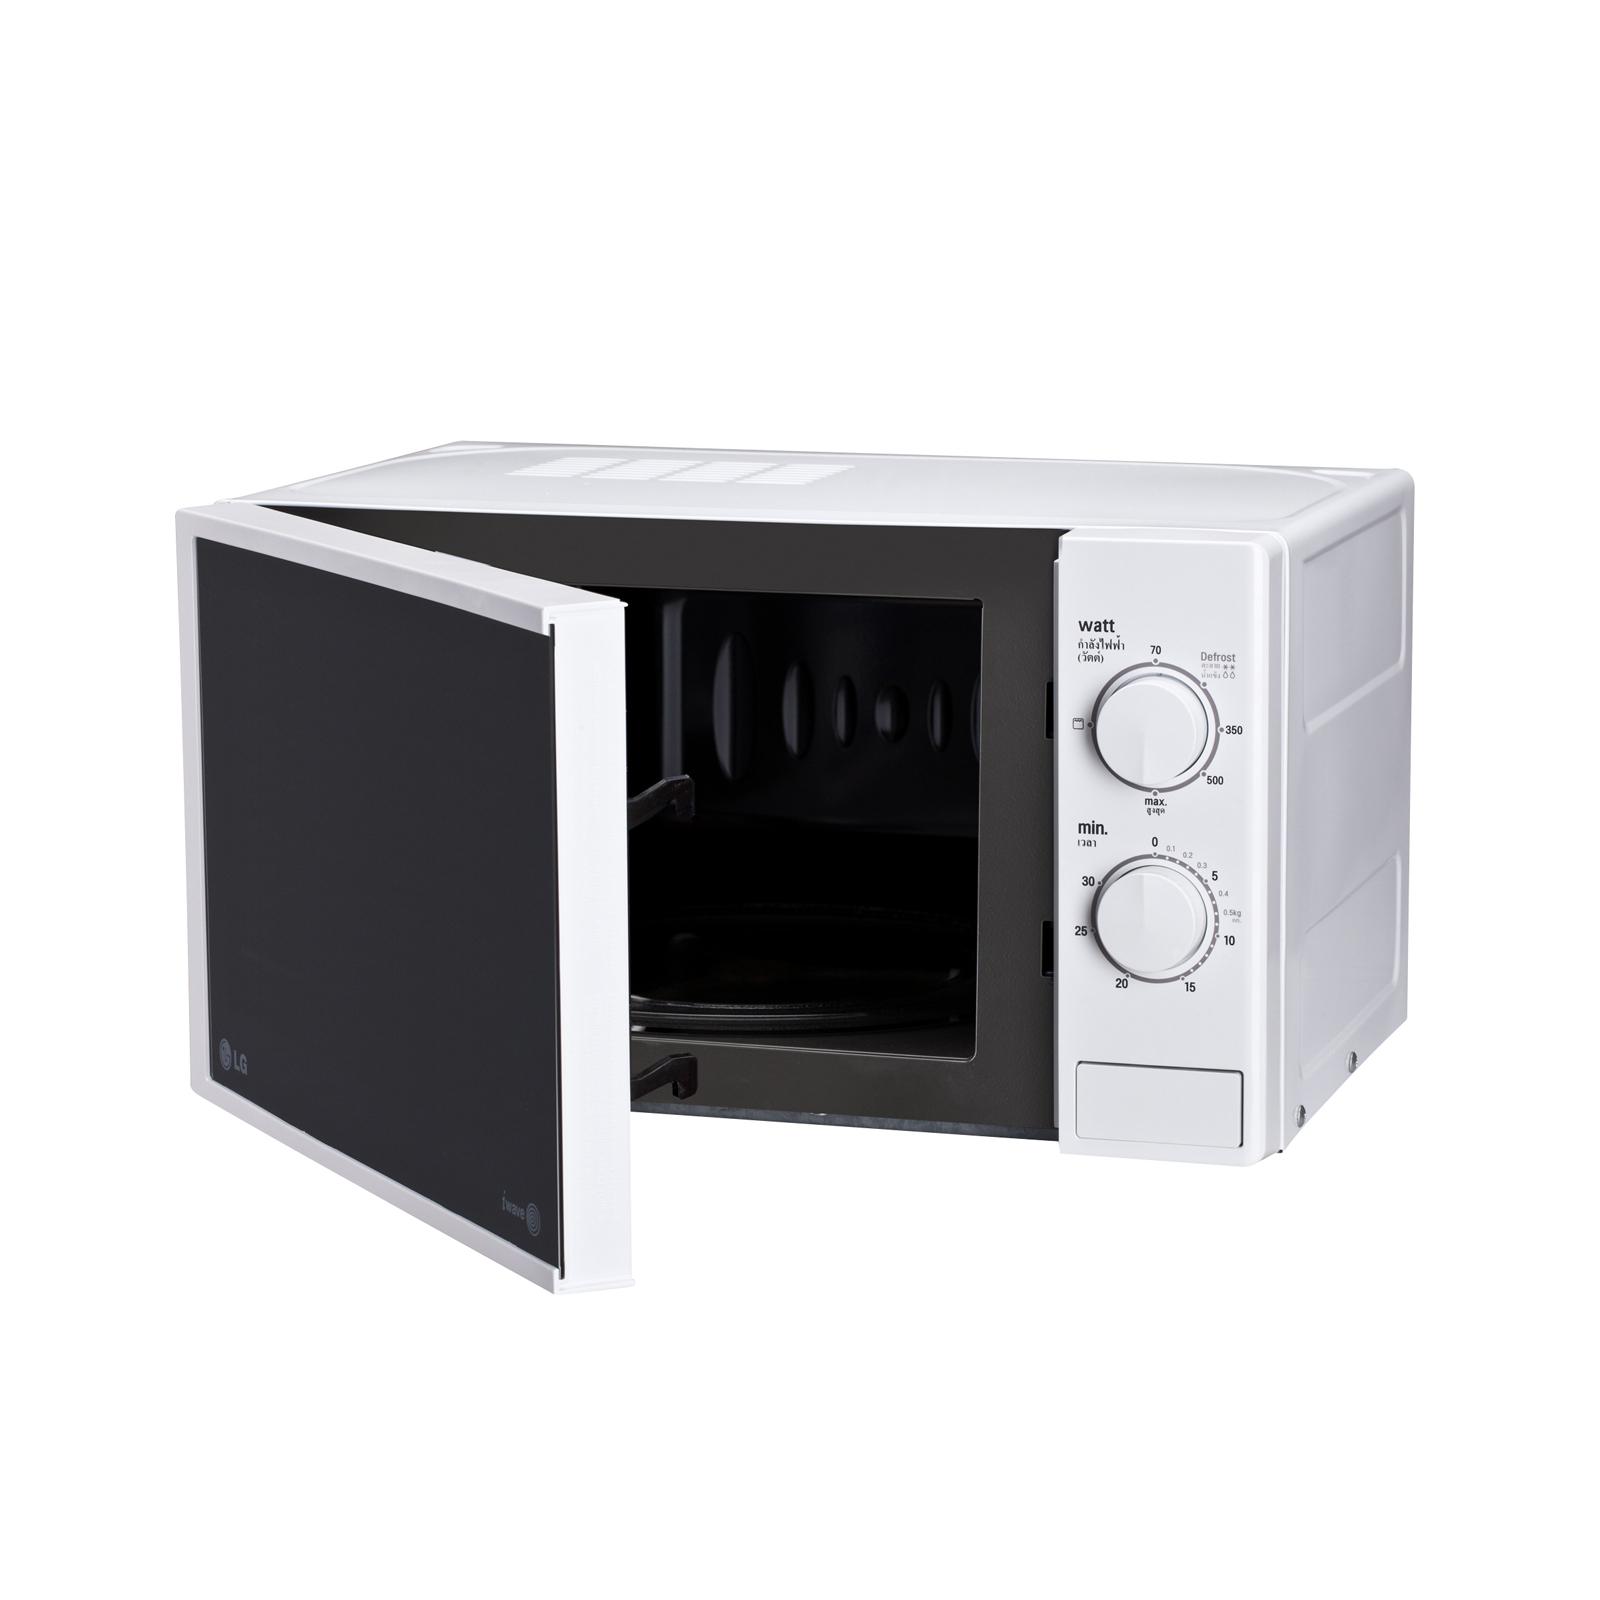 Микроволновая печь LG MH-6022D (MH6022D) изображение 4